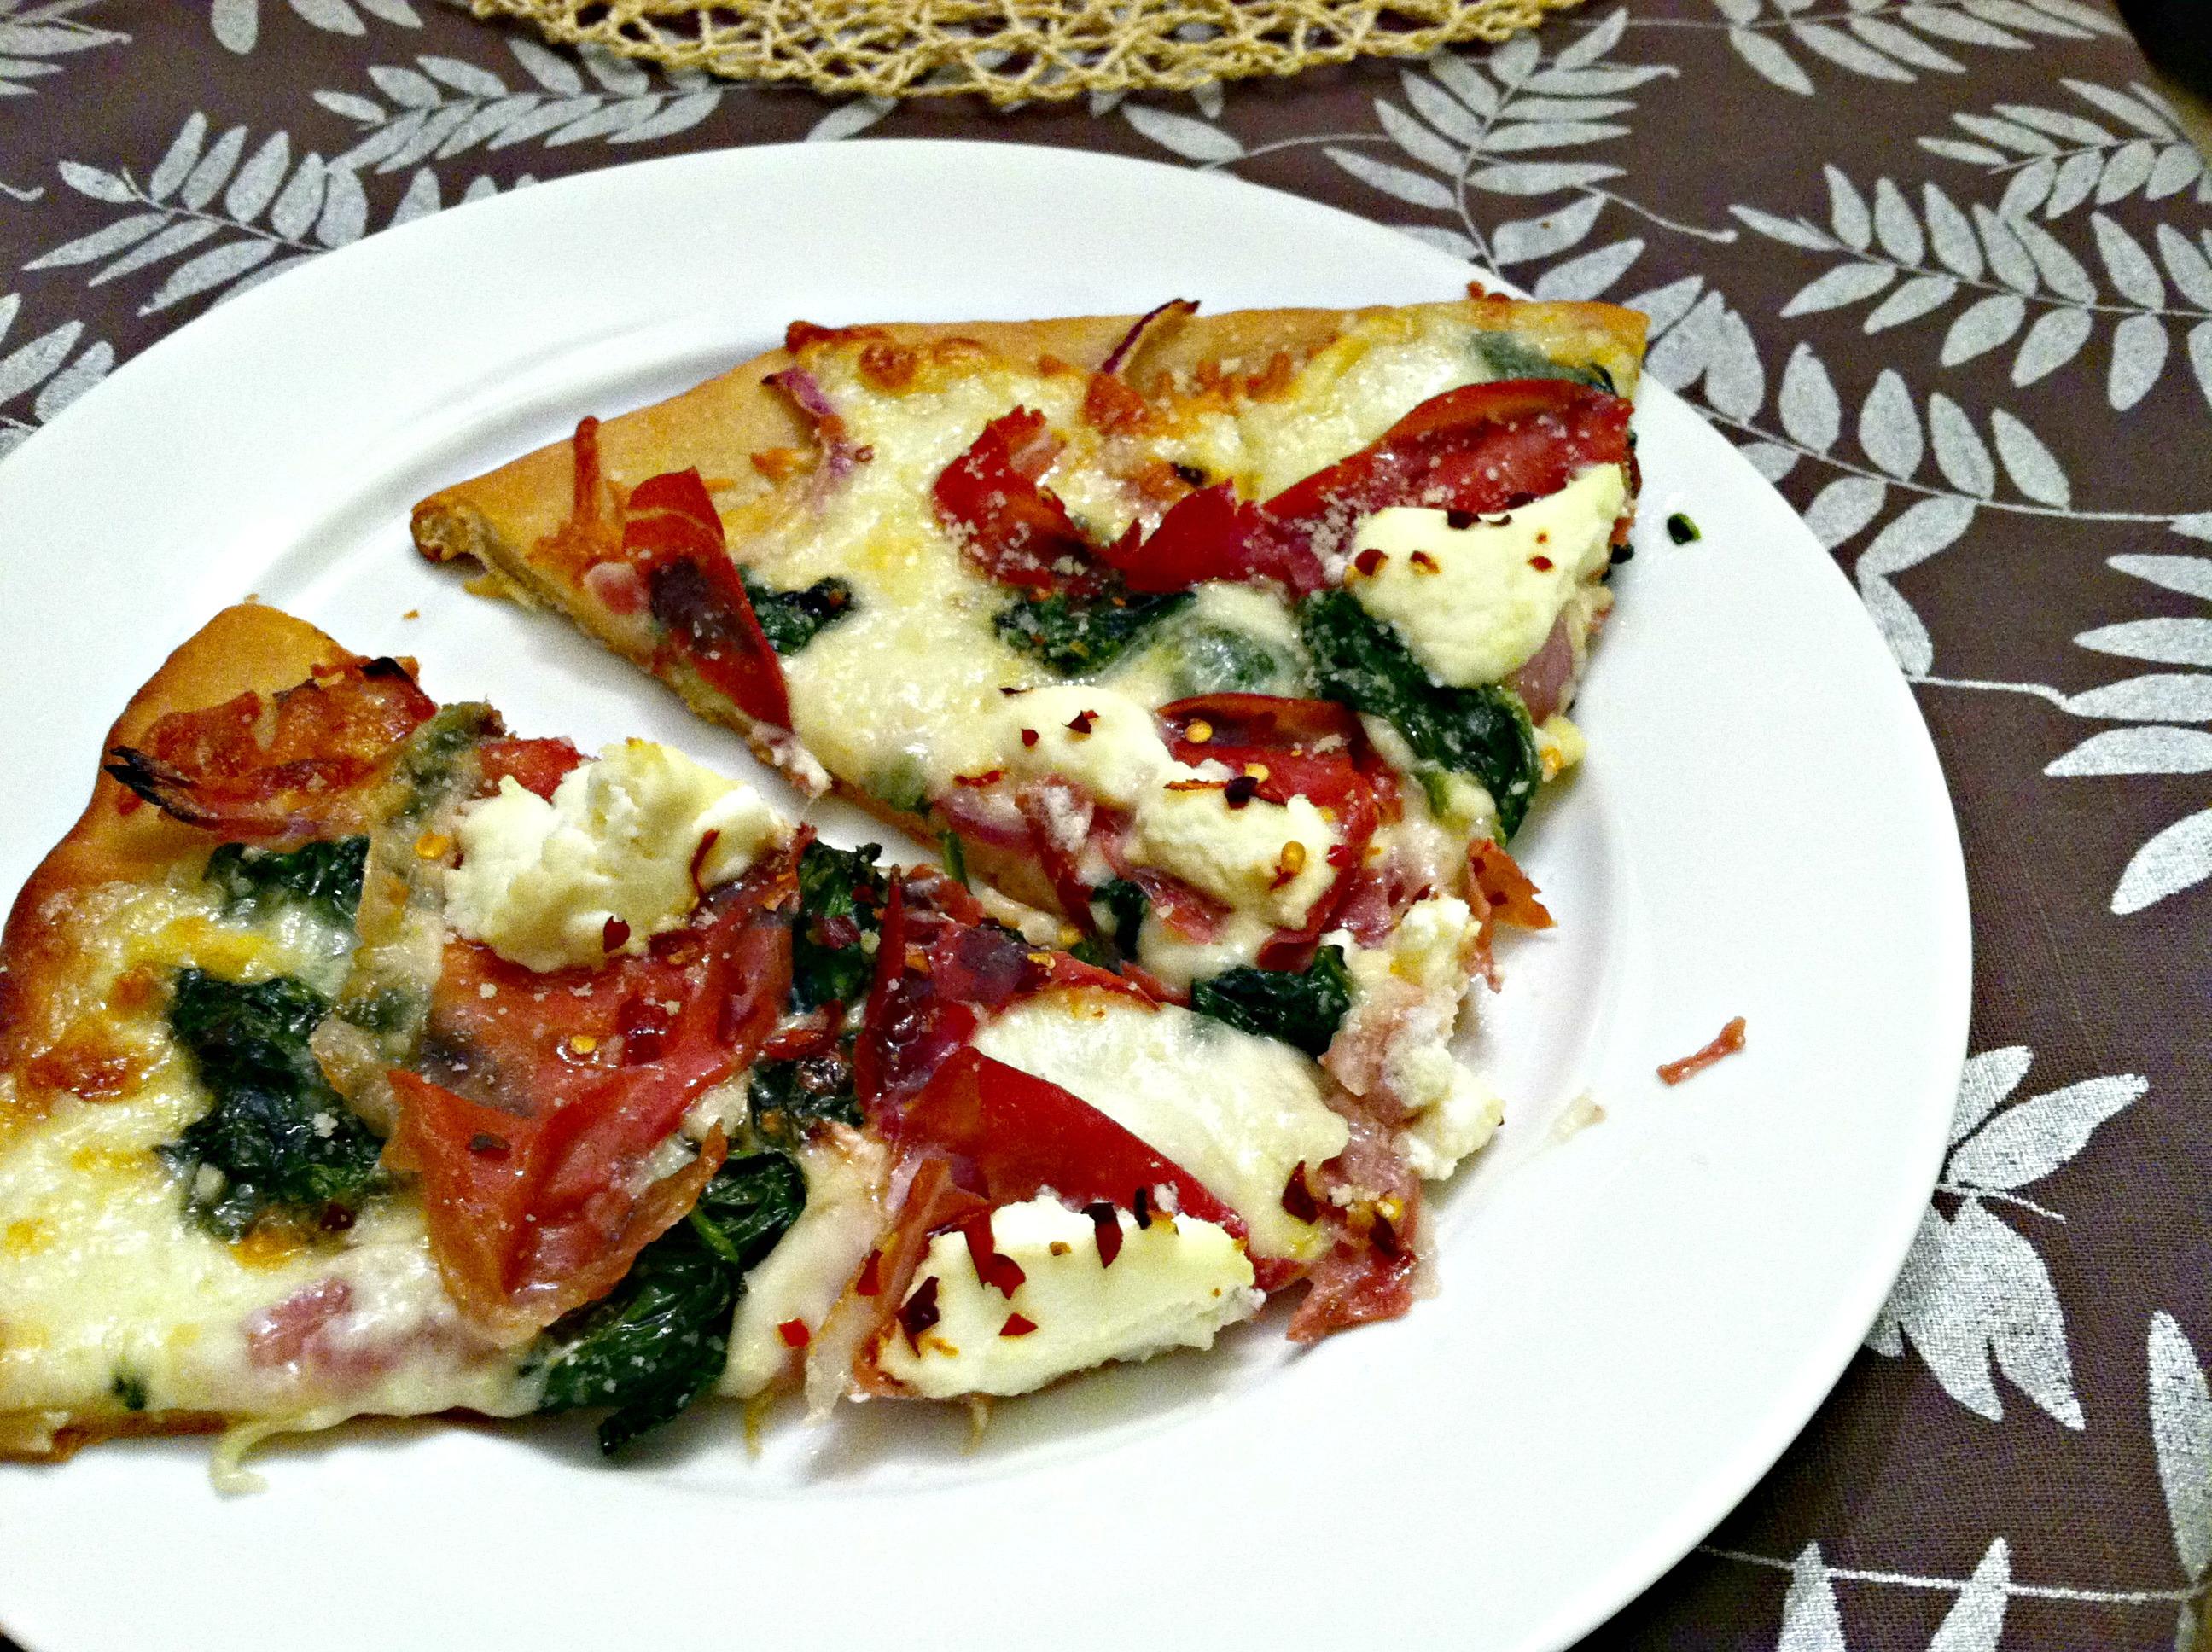 spinach ricotta spinach and ricotta pizza recipe myrecipes com ricotta ...